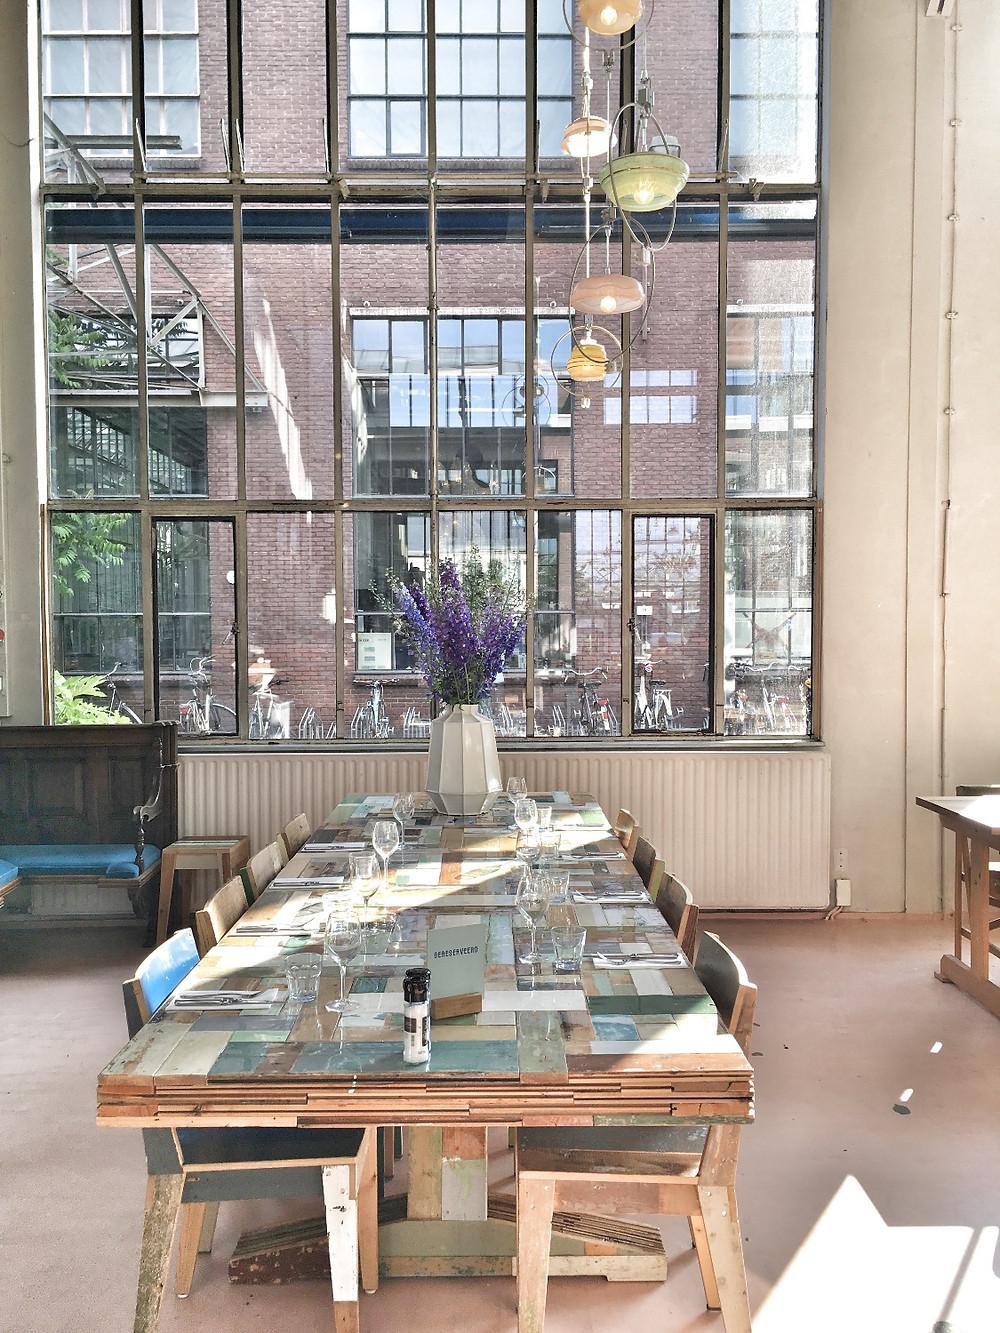 Restaurant Piet Hein Eek in Eindhoven